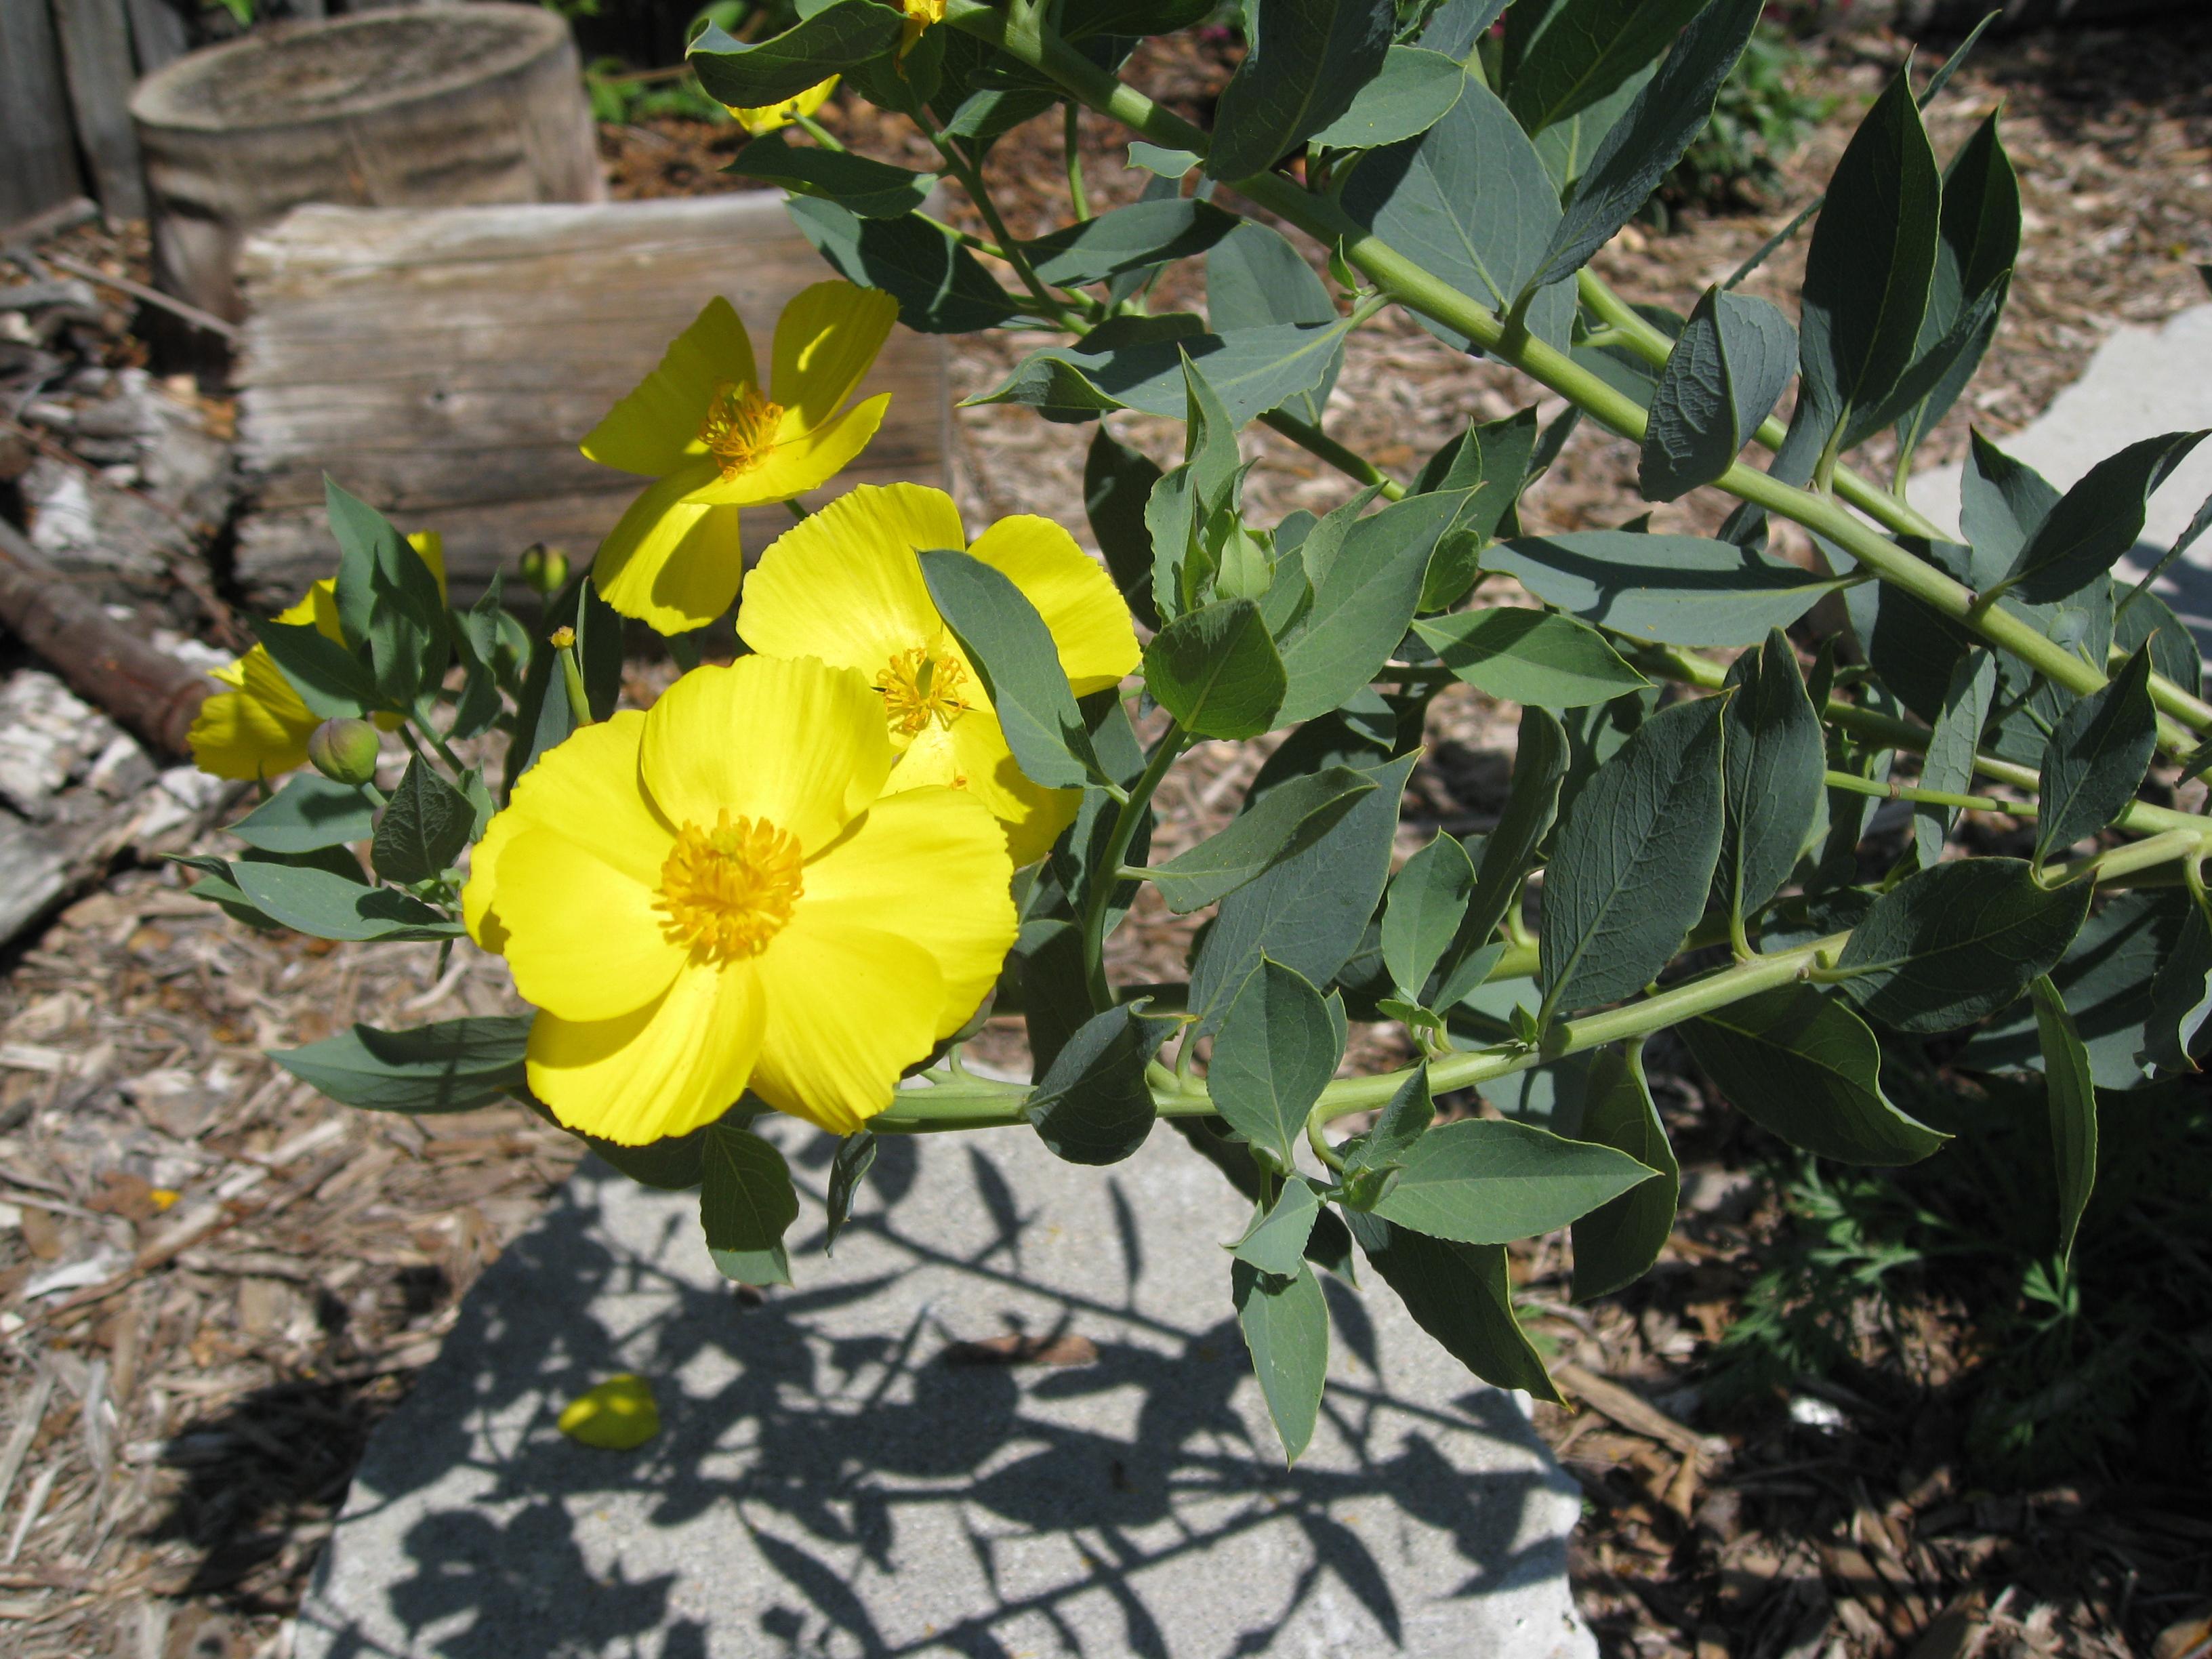 Dendromecon Hartfordii and it's cousin, Dendromecon rigida are sunny additions to any California native garden.